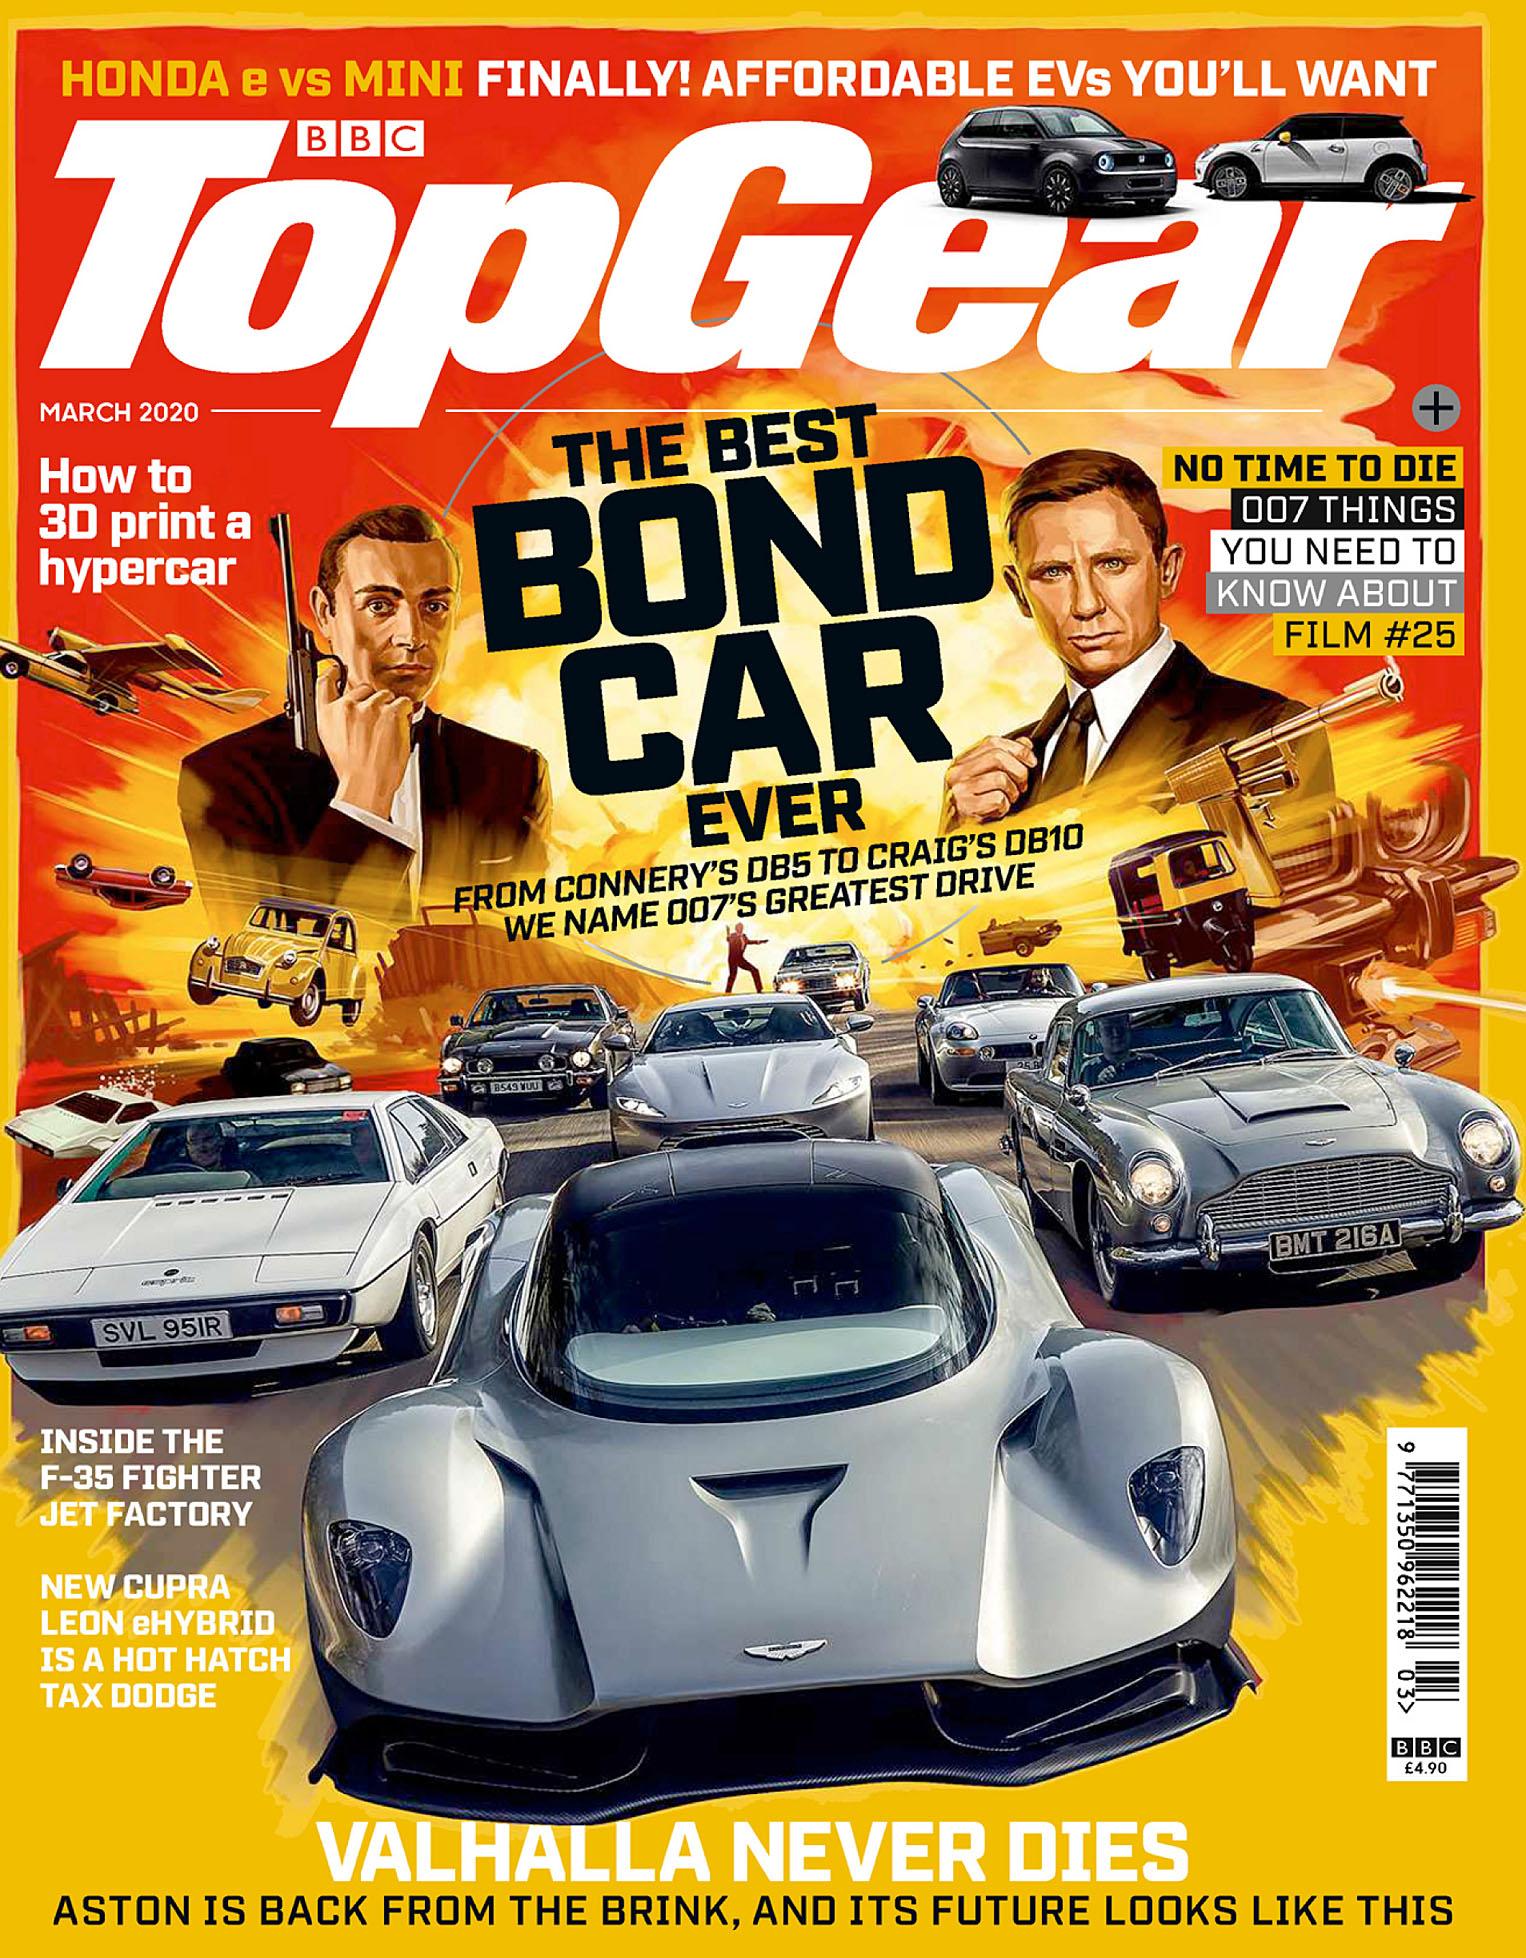 BBC Top Gear 2020-03 Bond 01.jpg